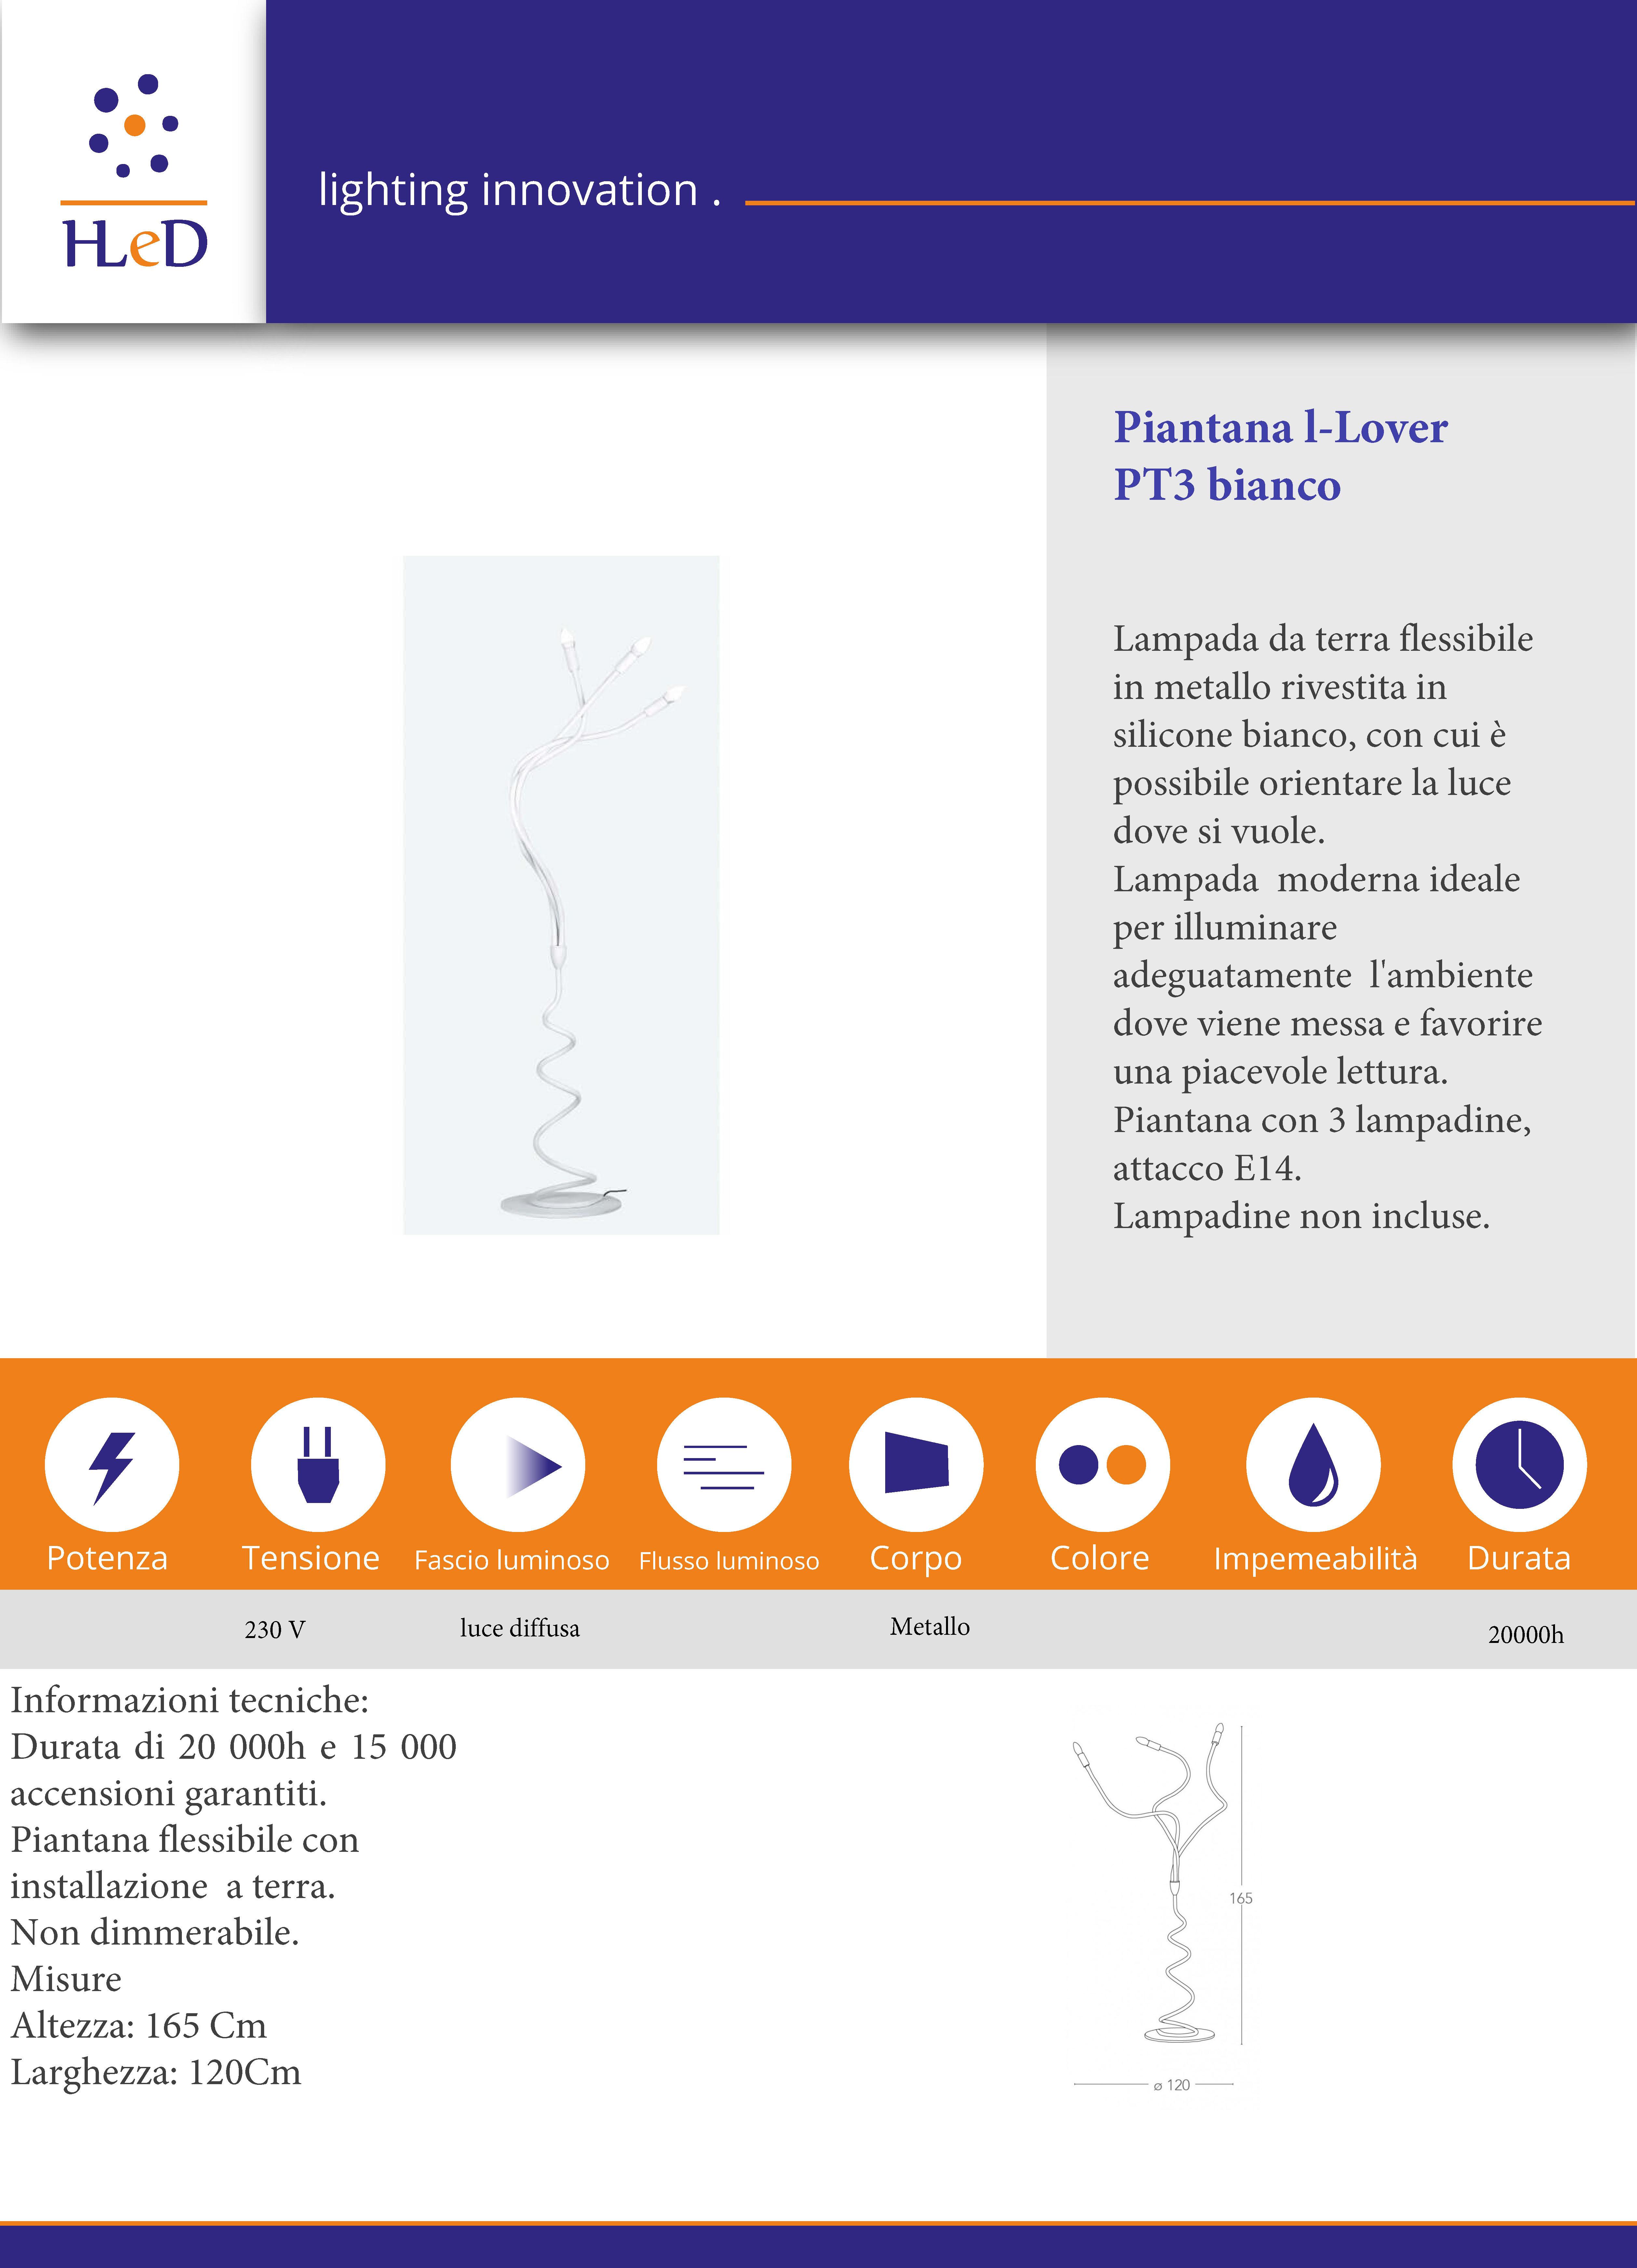 I-LOVER PT3 BIANCO